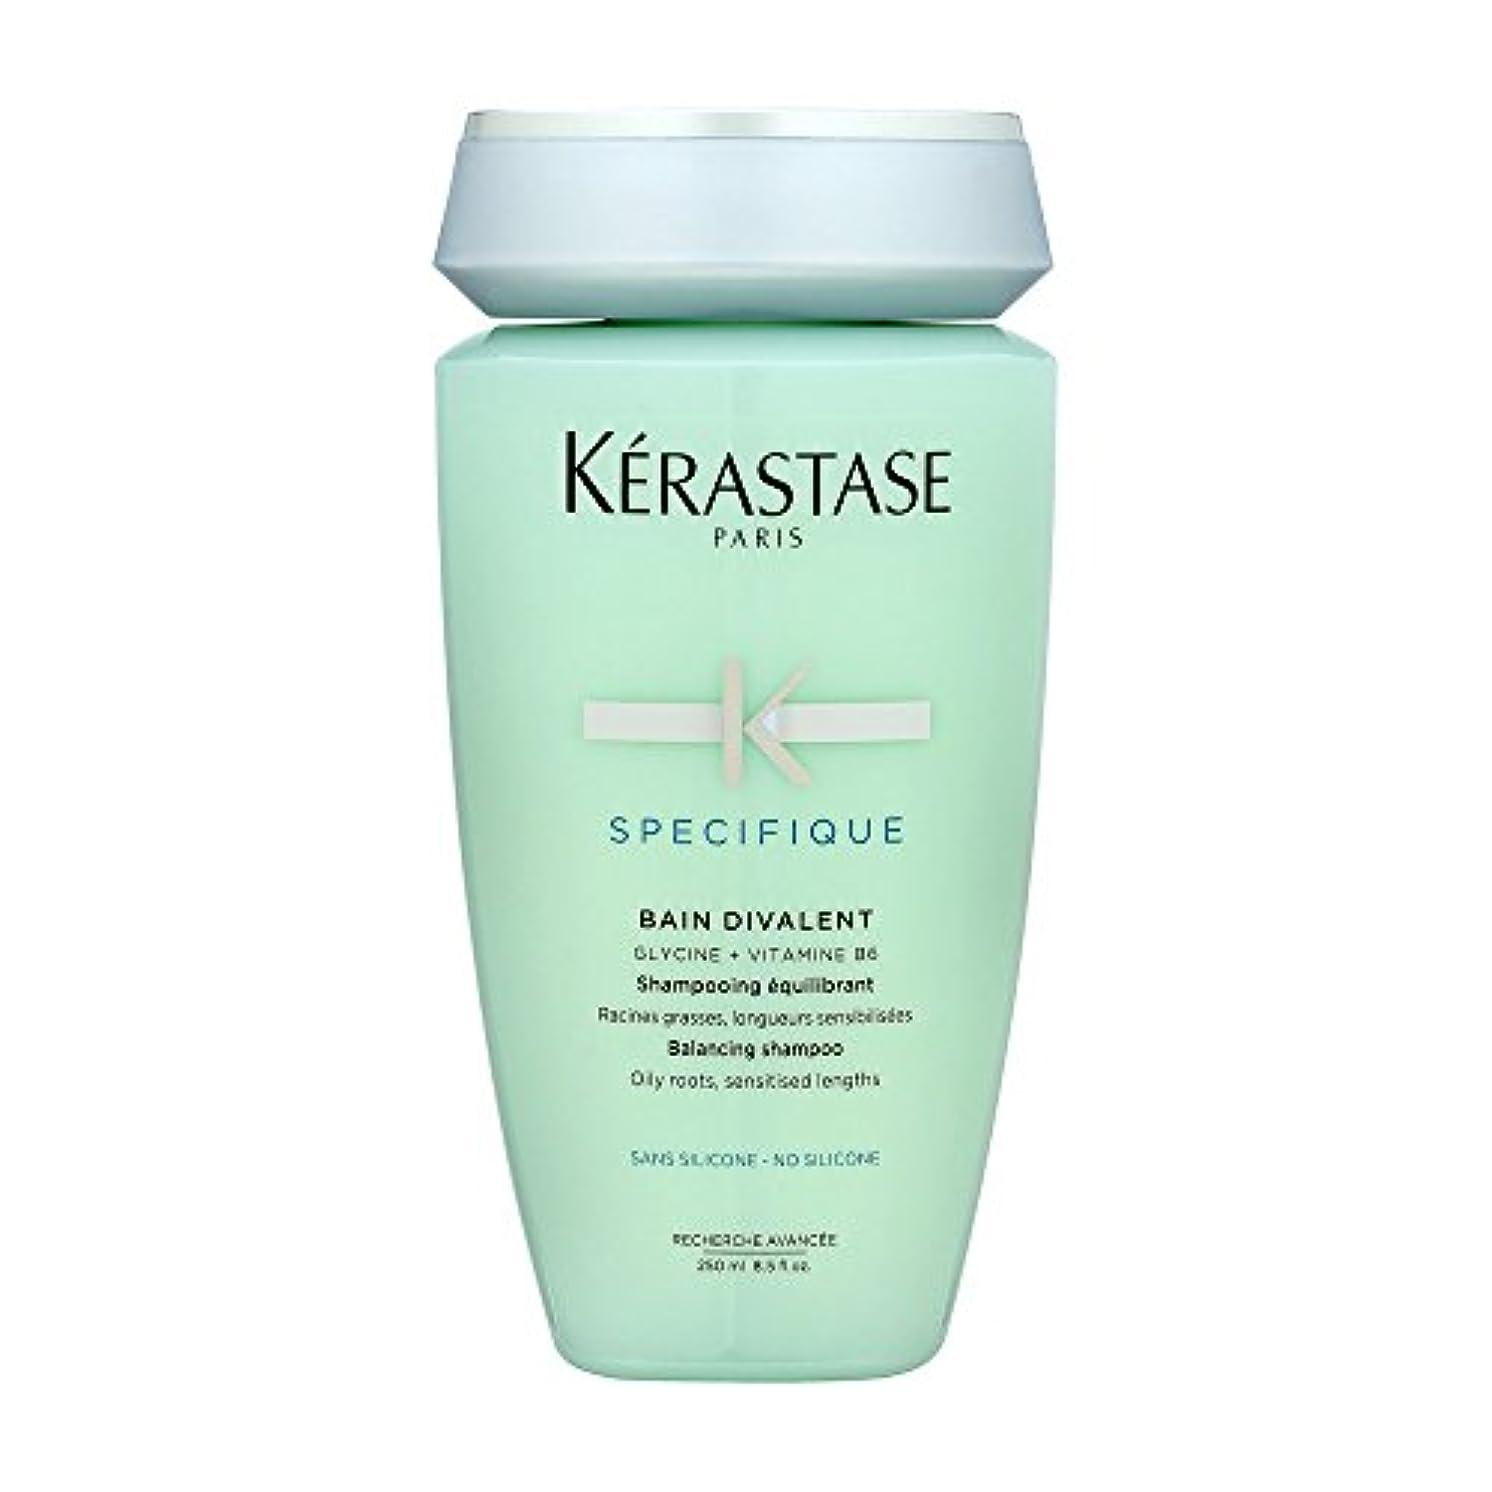 比較カテナ散らすケラスターゼ(KERASTASE) スペシフィック SP バン ディバレント 250ml [並行輸入品]